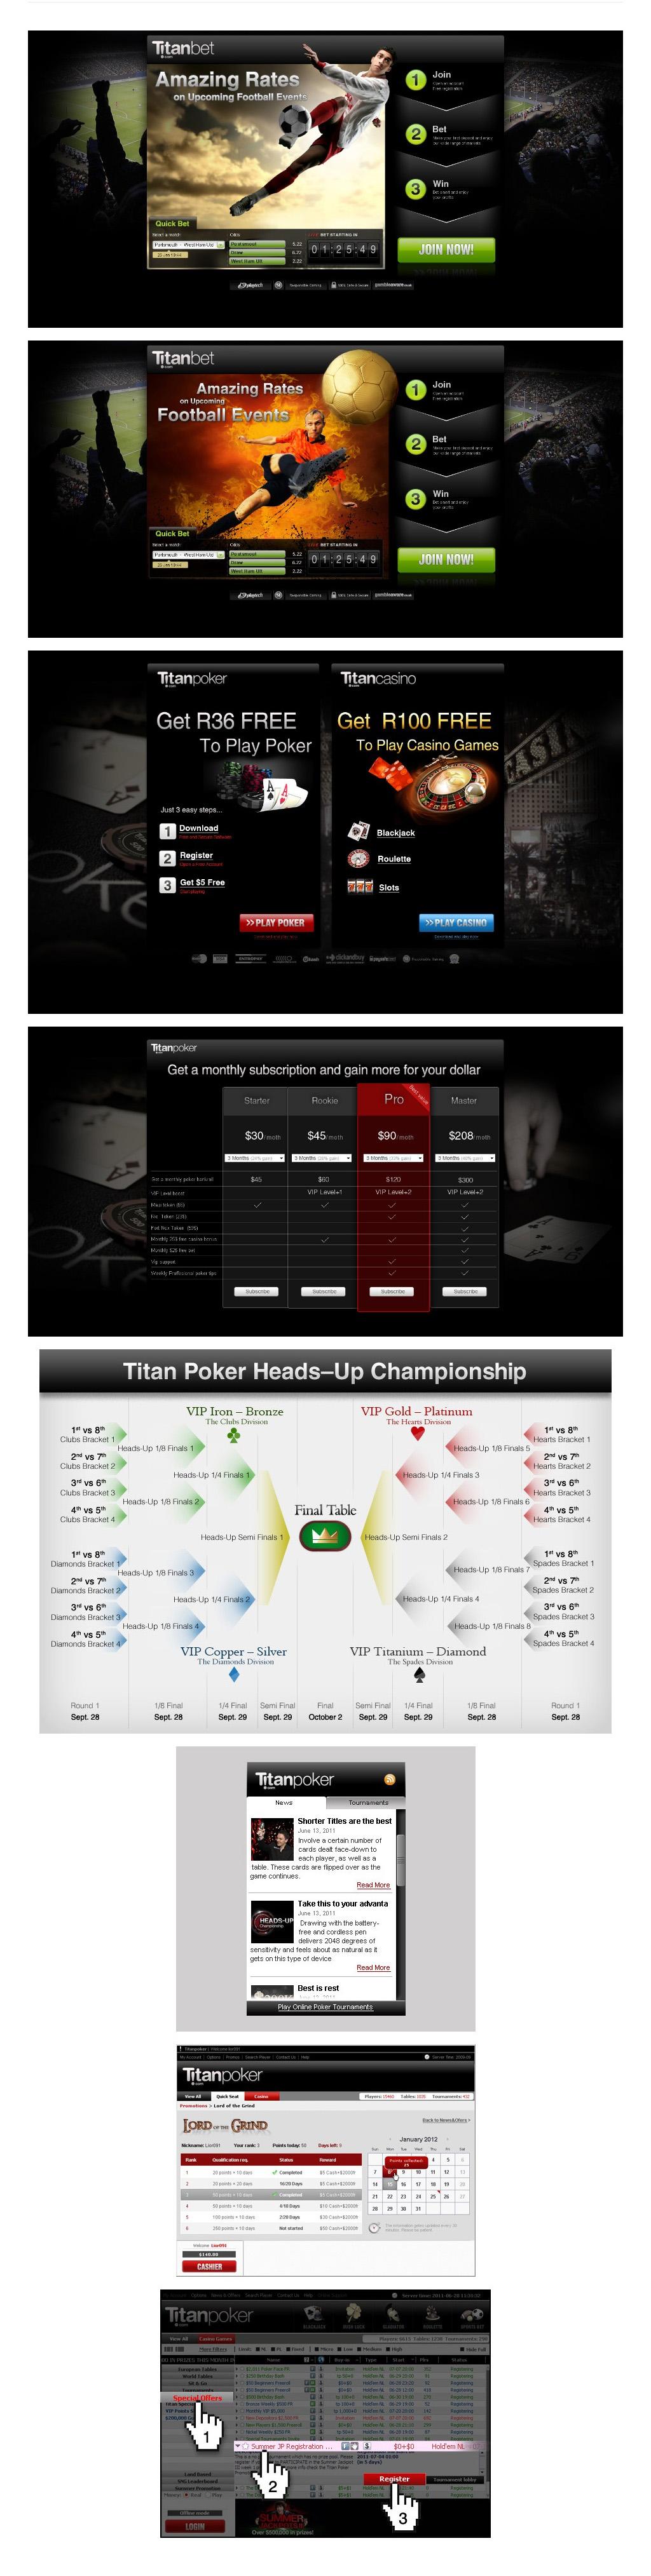 Titan Assorted design works for Titan.com